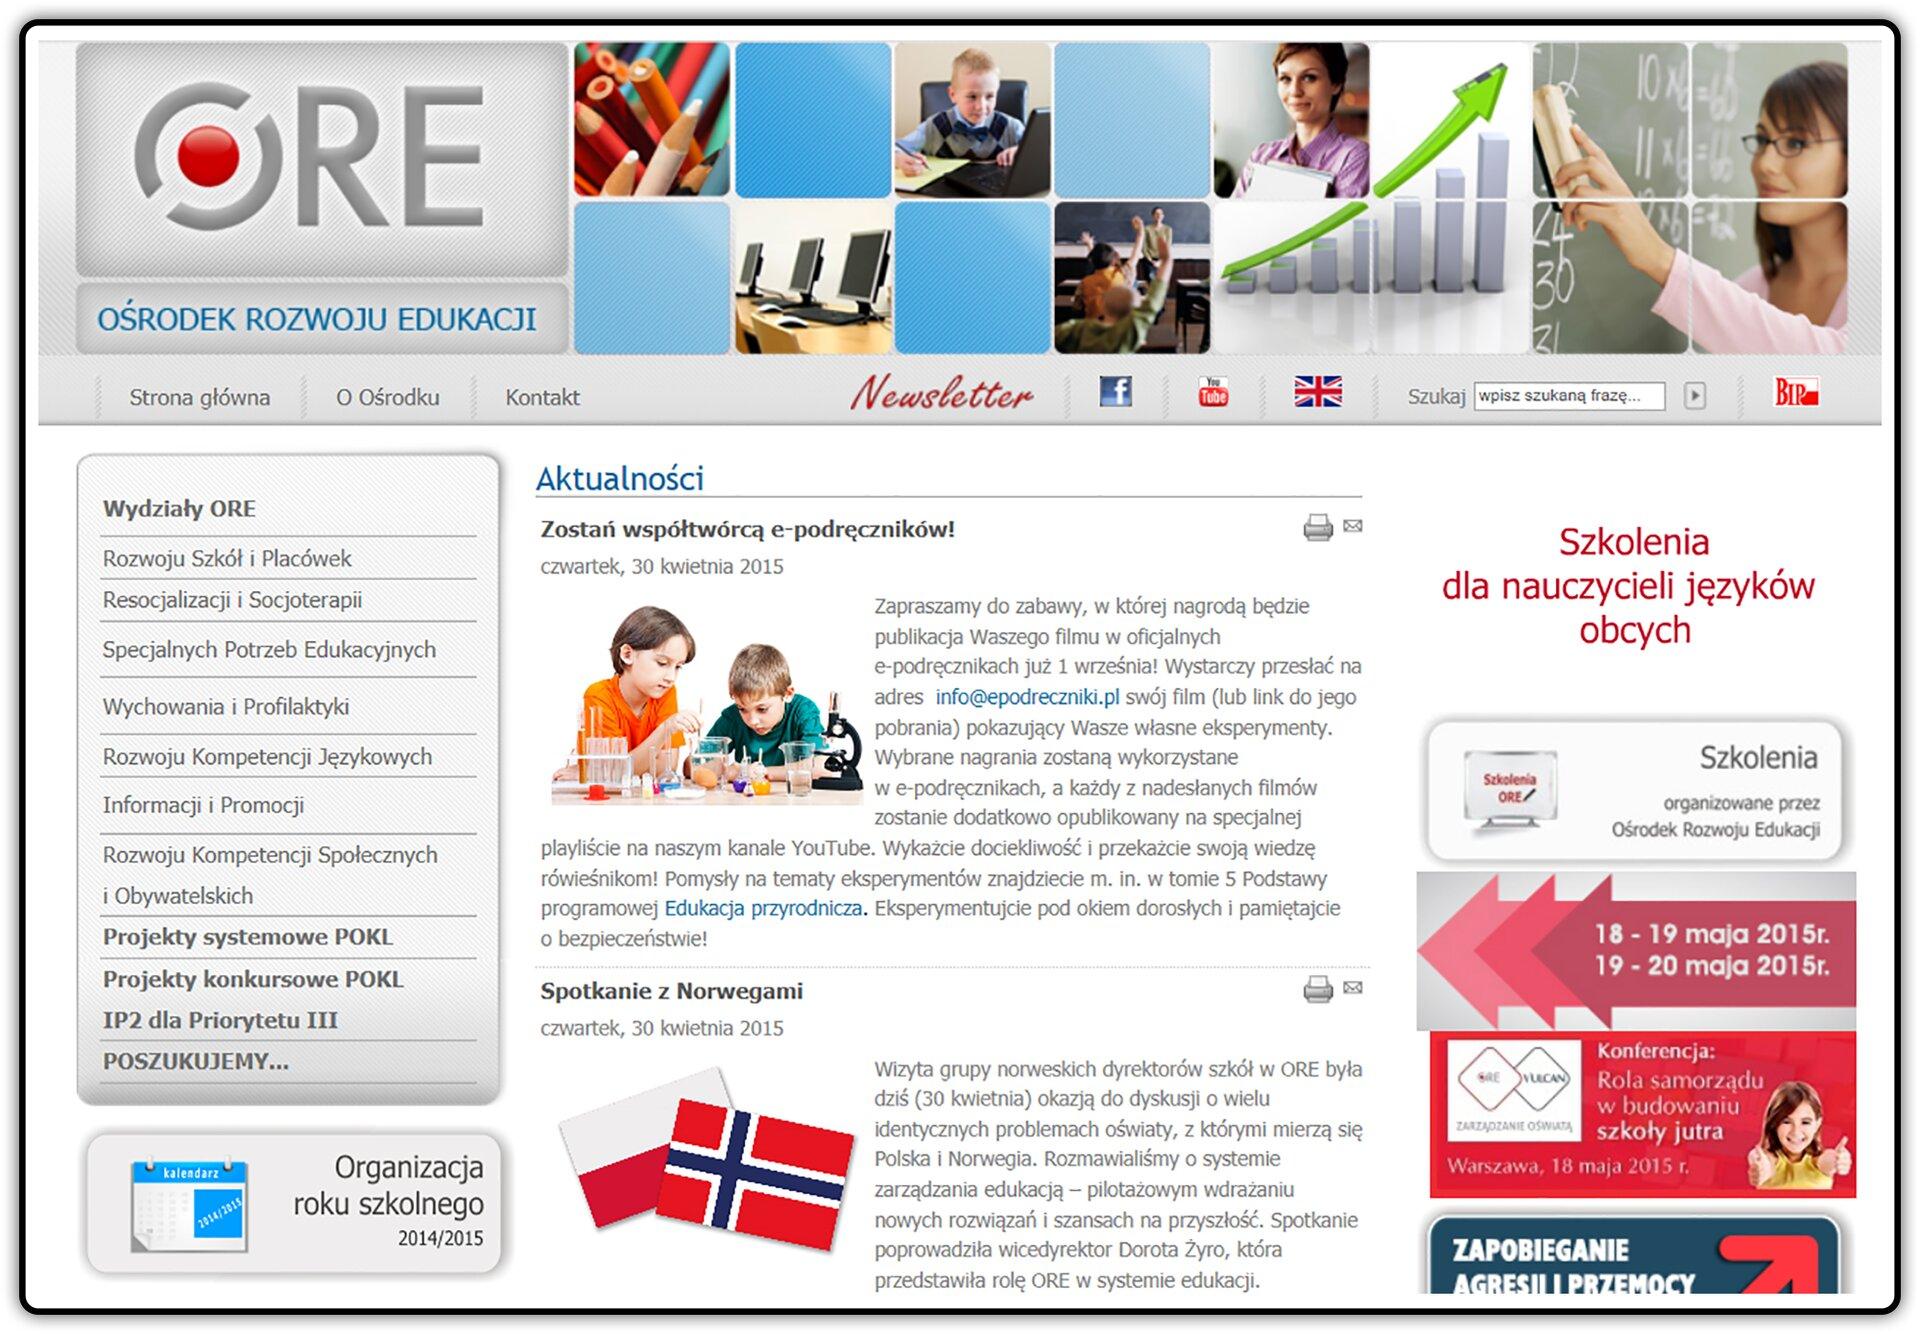 Zrzut strony internetowej: ore.edu.pl